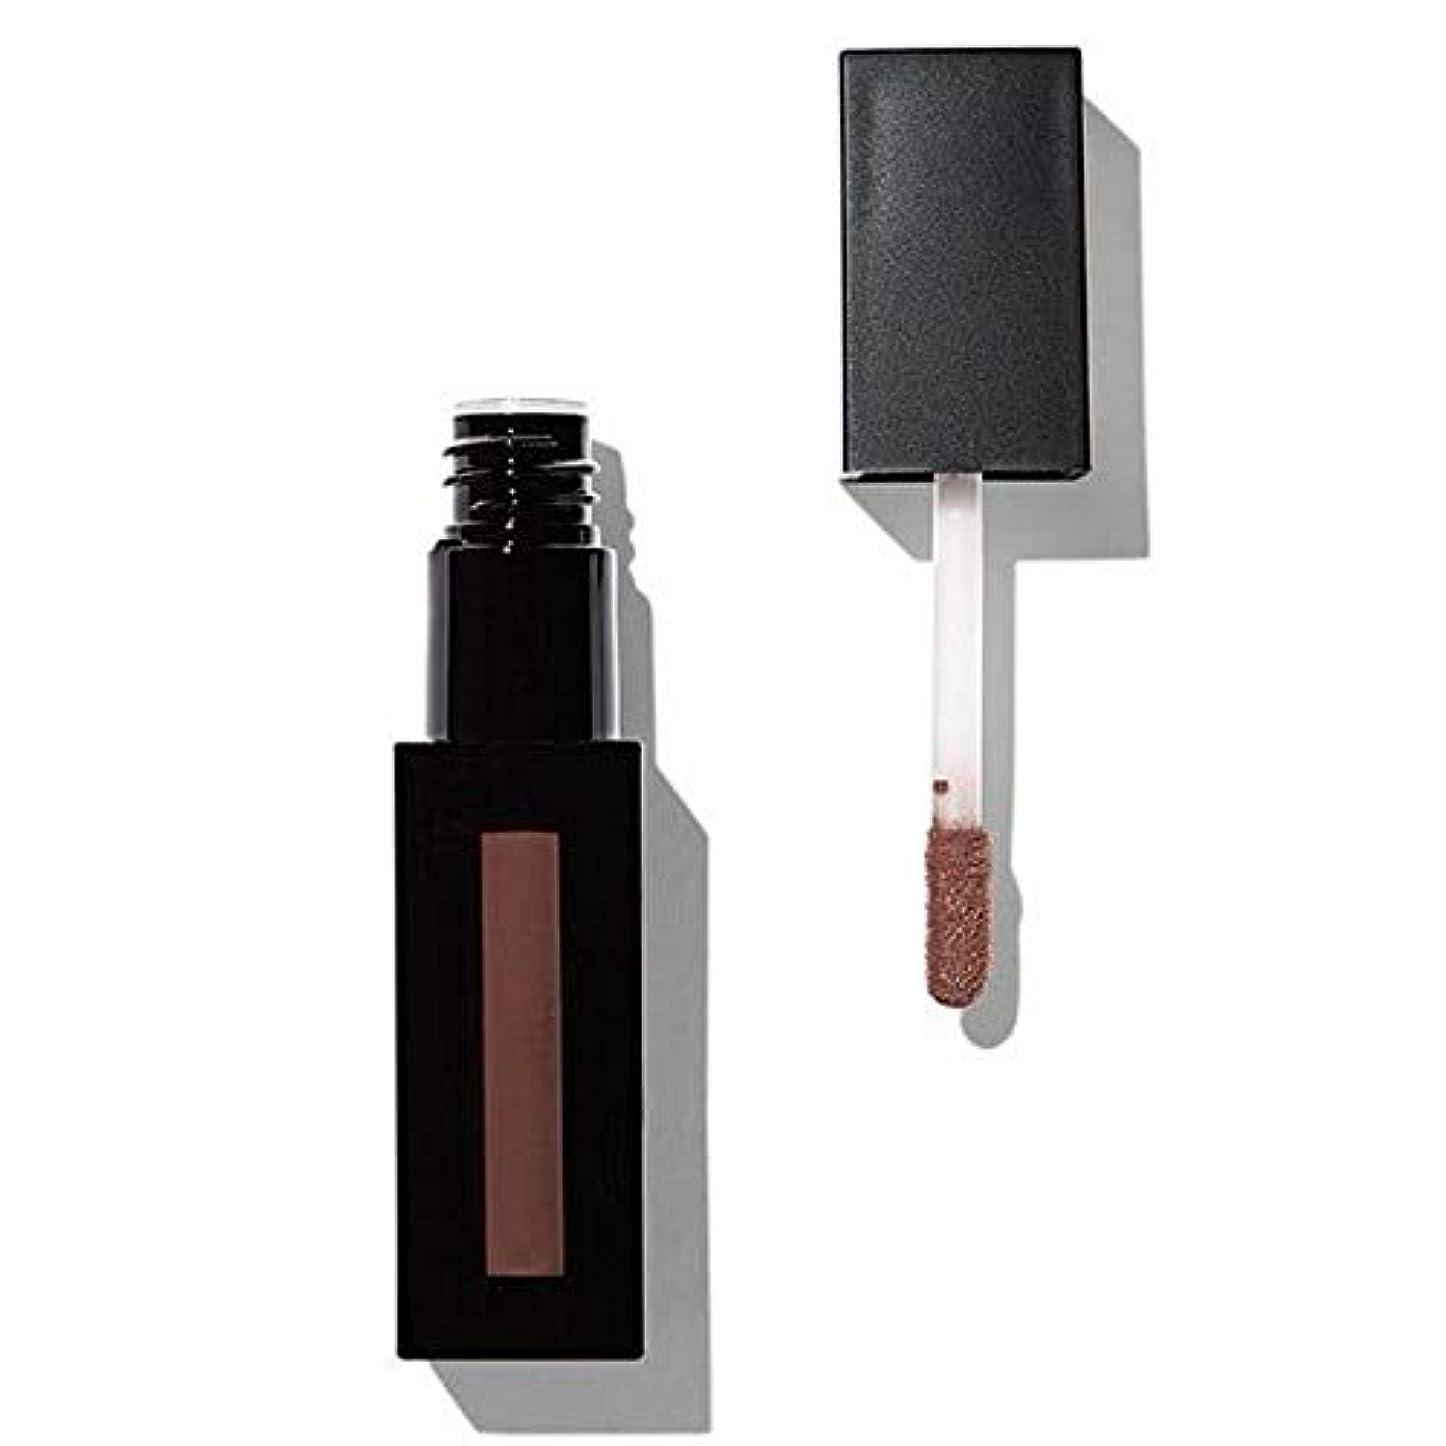 引き出し勇敢な抵抗力がある[Revolution ] 革命プロ最高のマットリップ顔料ふり - Revolution Pro Supreme Matte Lip Pigment Pretence [並行輸入品]